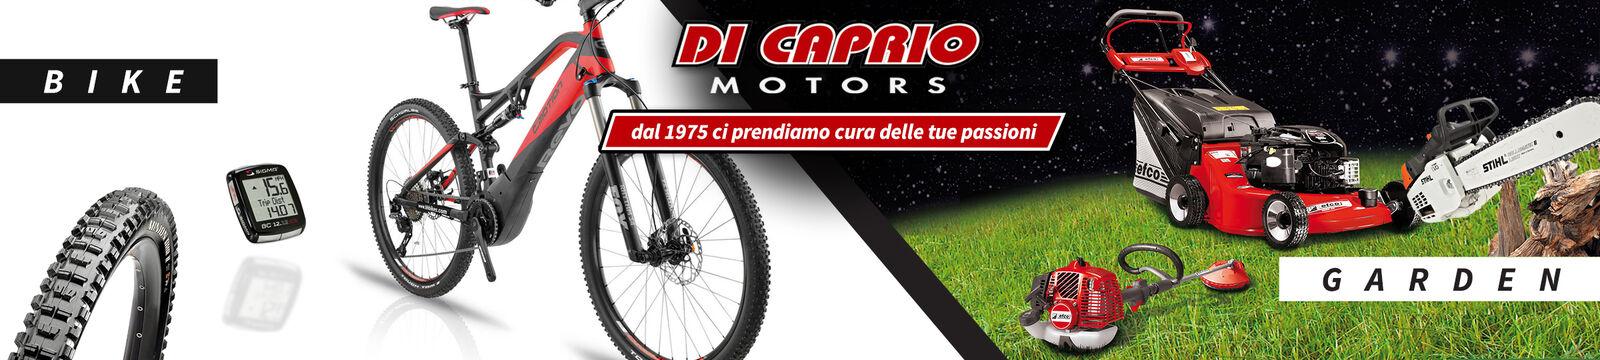 DI CAPRIO MOTORS Store